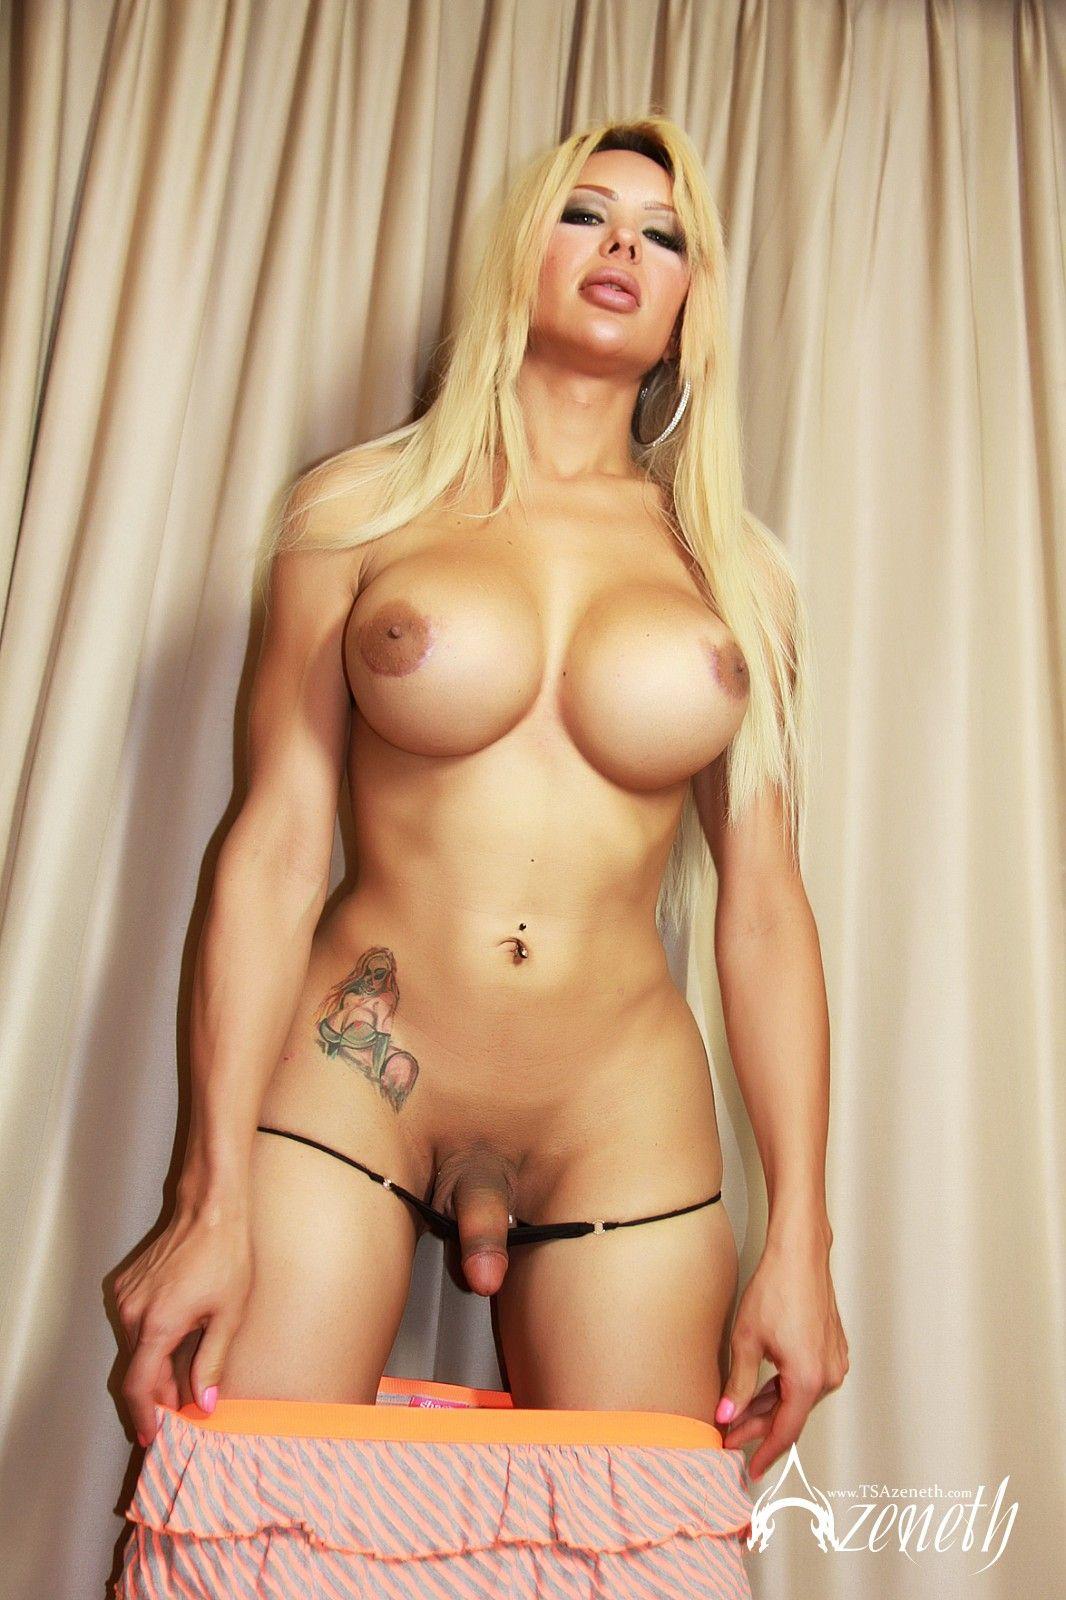 Post op trannie nude